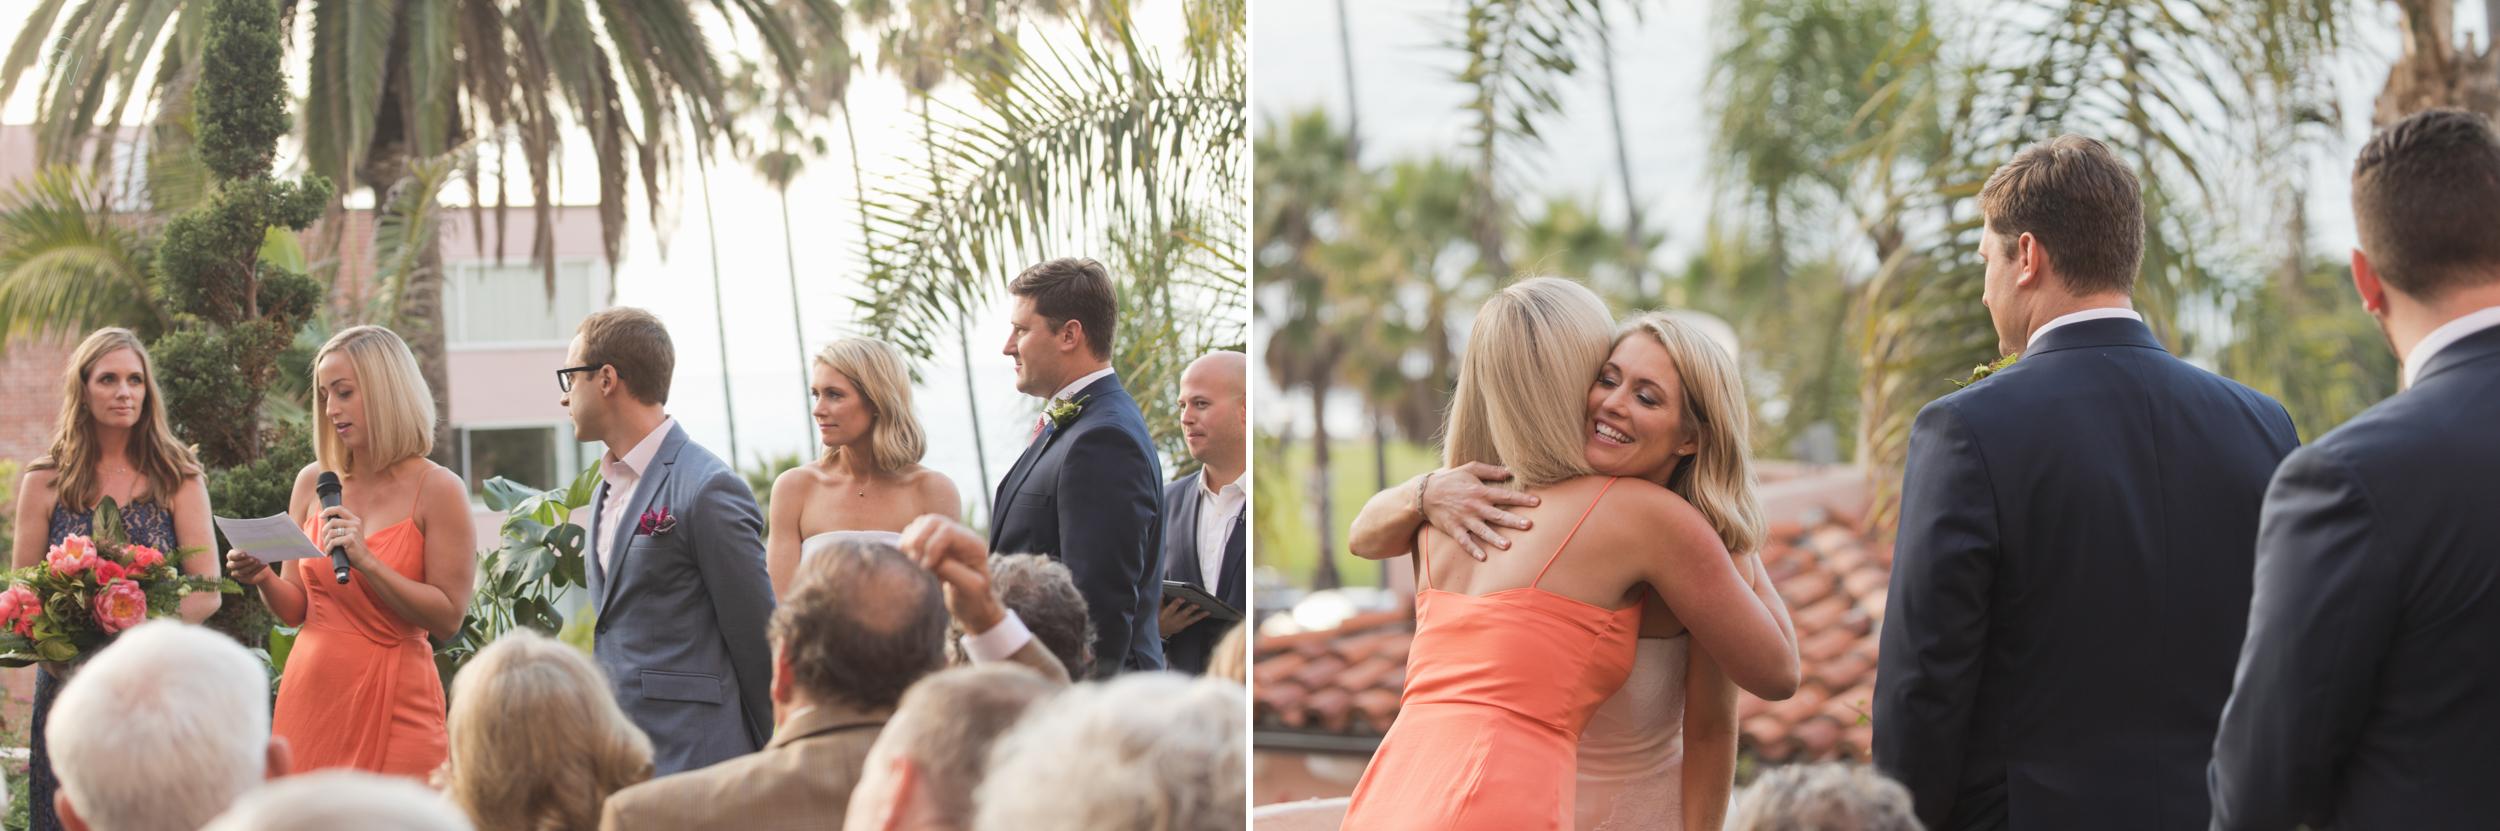 Colleen.Kyle20190122Shewanders.granddelmar.wedding 0476.jpg